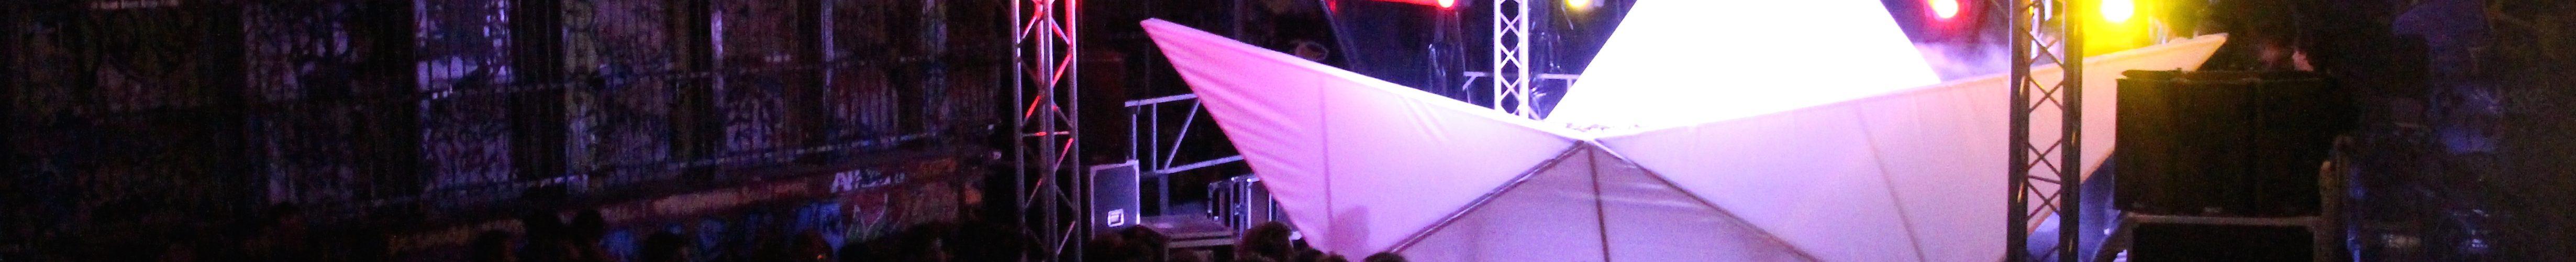 Le Roscella Bay, dernier festival électro de l'été 2015